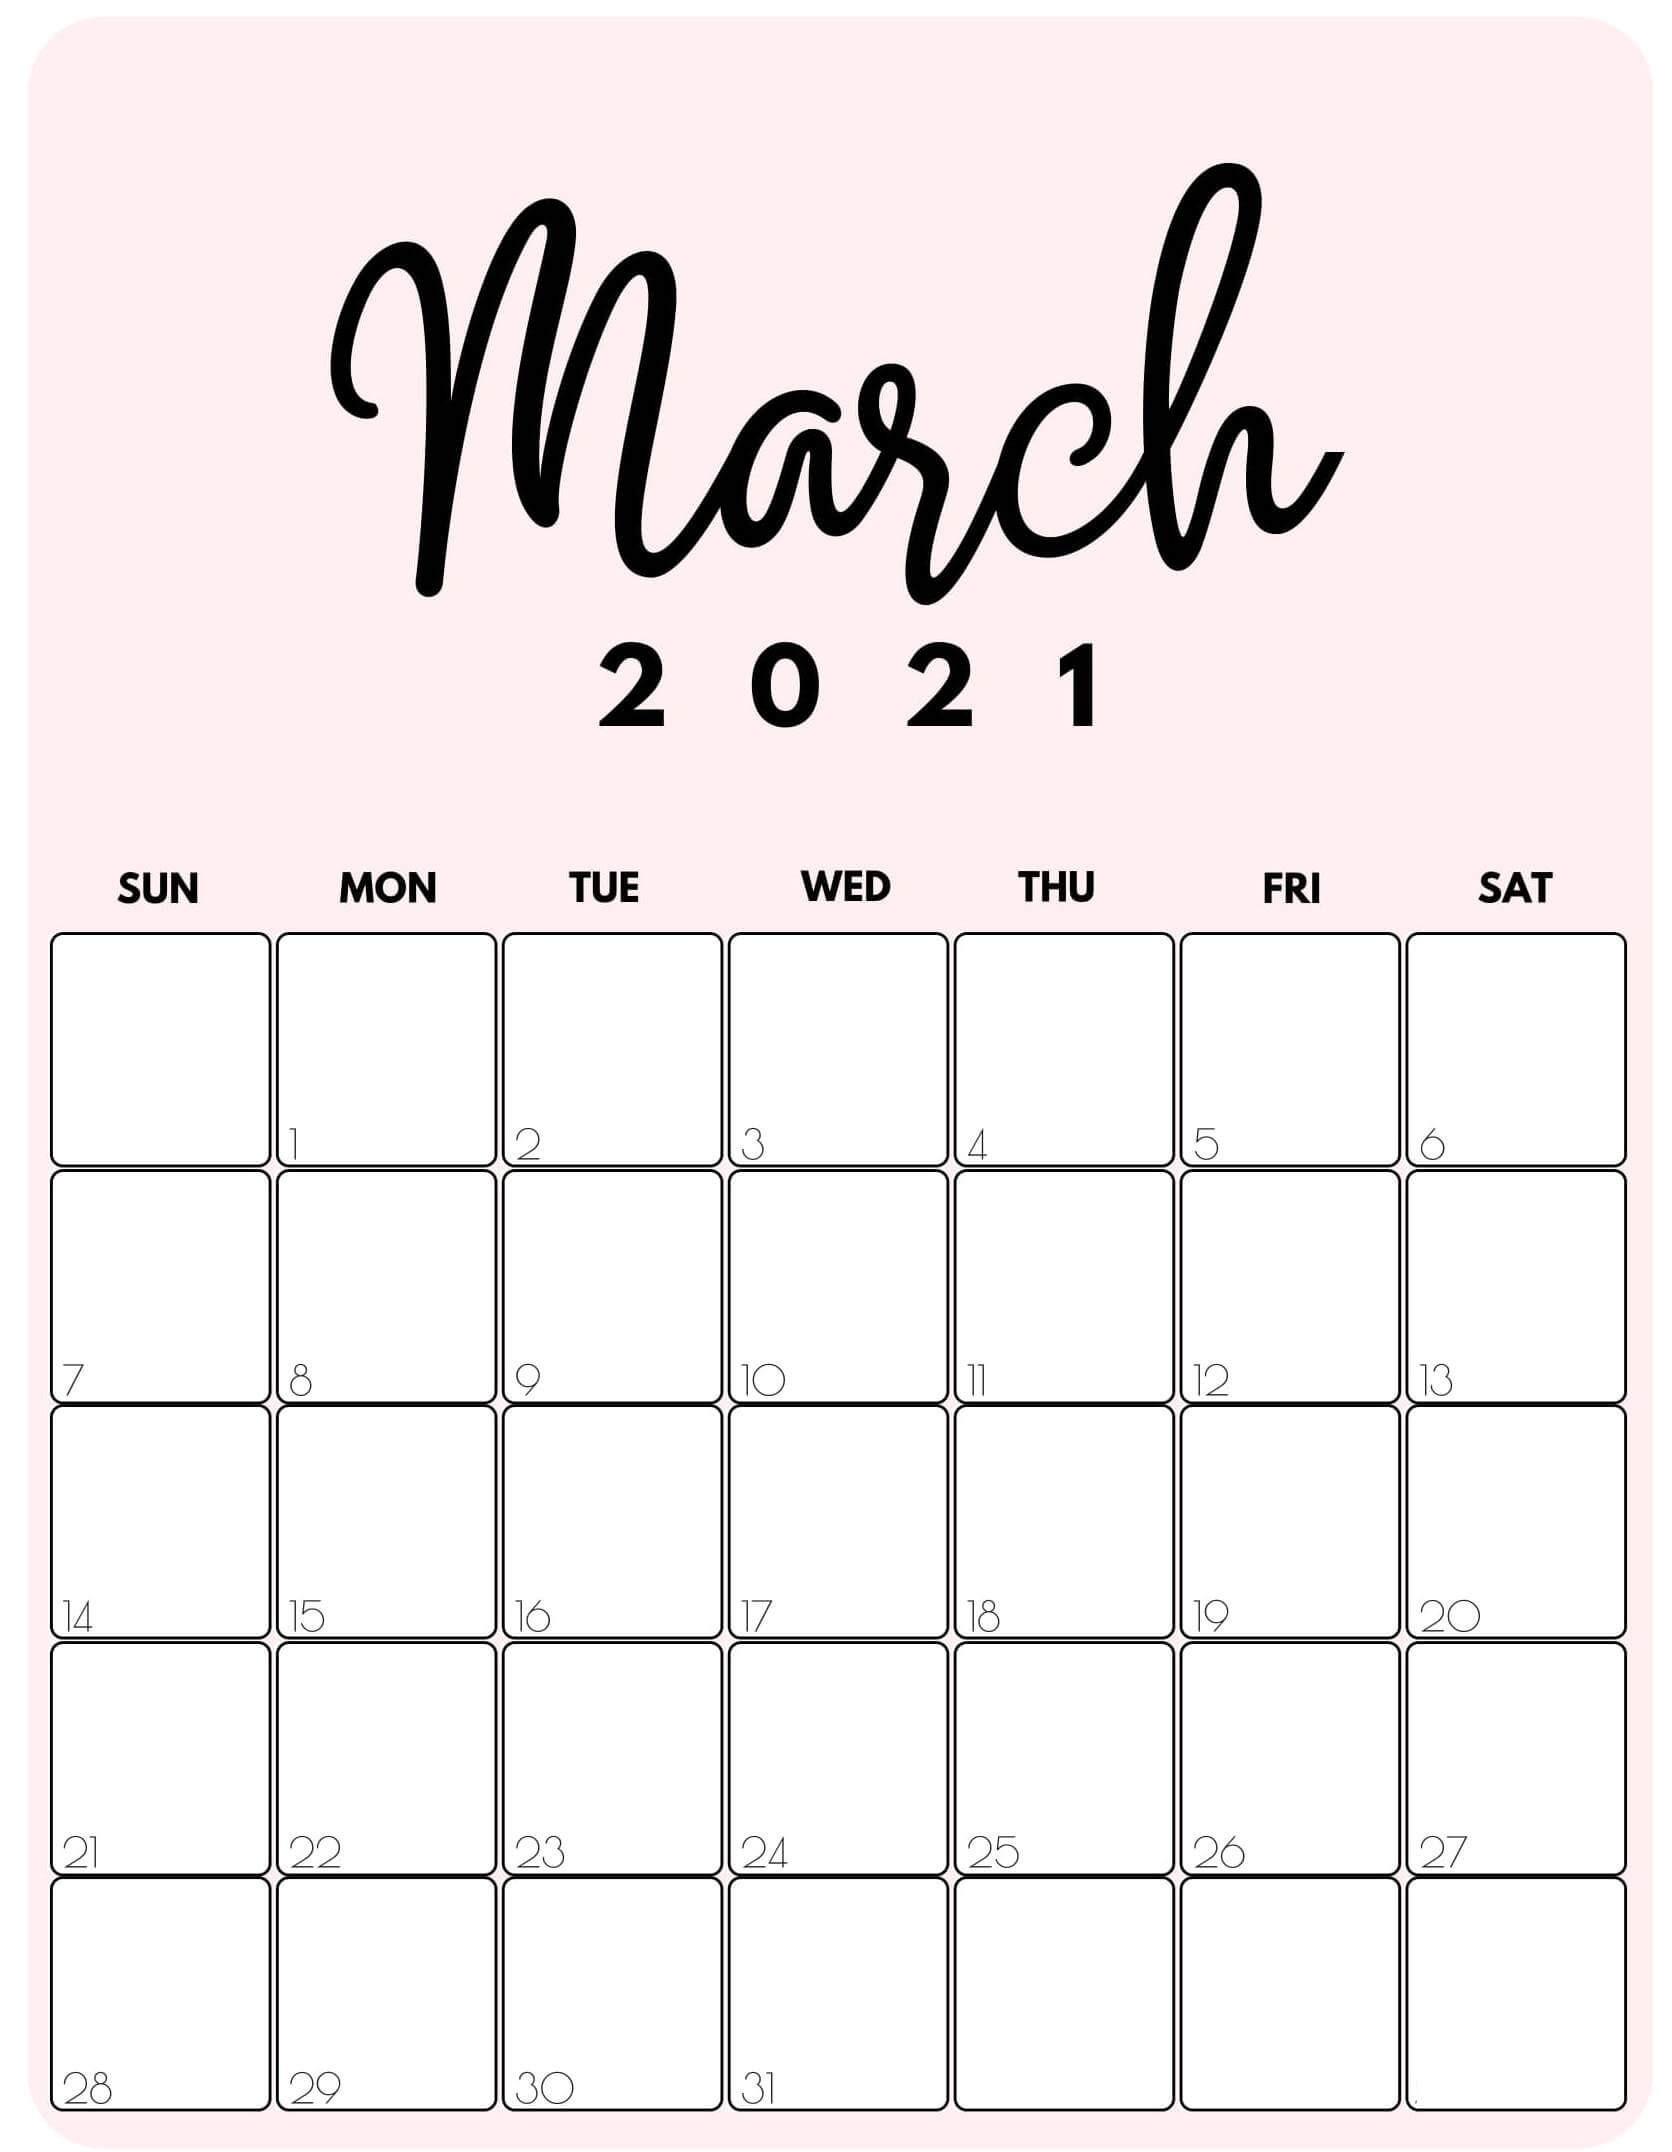 March 2021 Calendar Excel Template Printable e